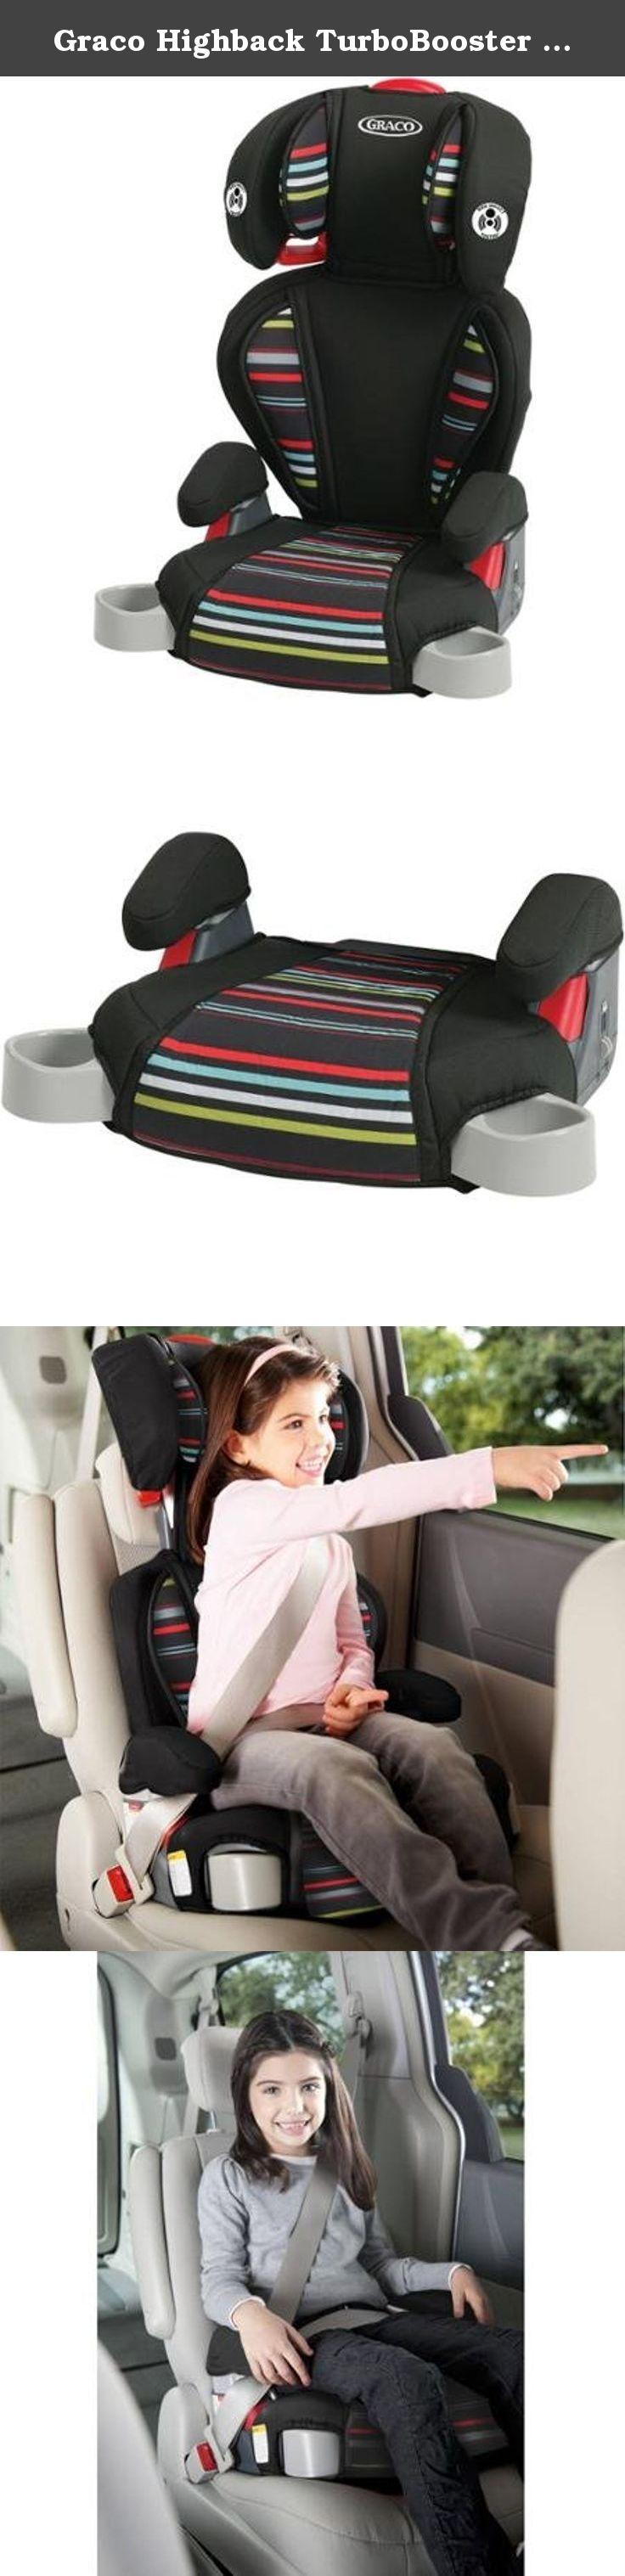 Entdecke Ideen Zu Autositzzubehr Graco Highback TurboBooster Booster Car Seat